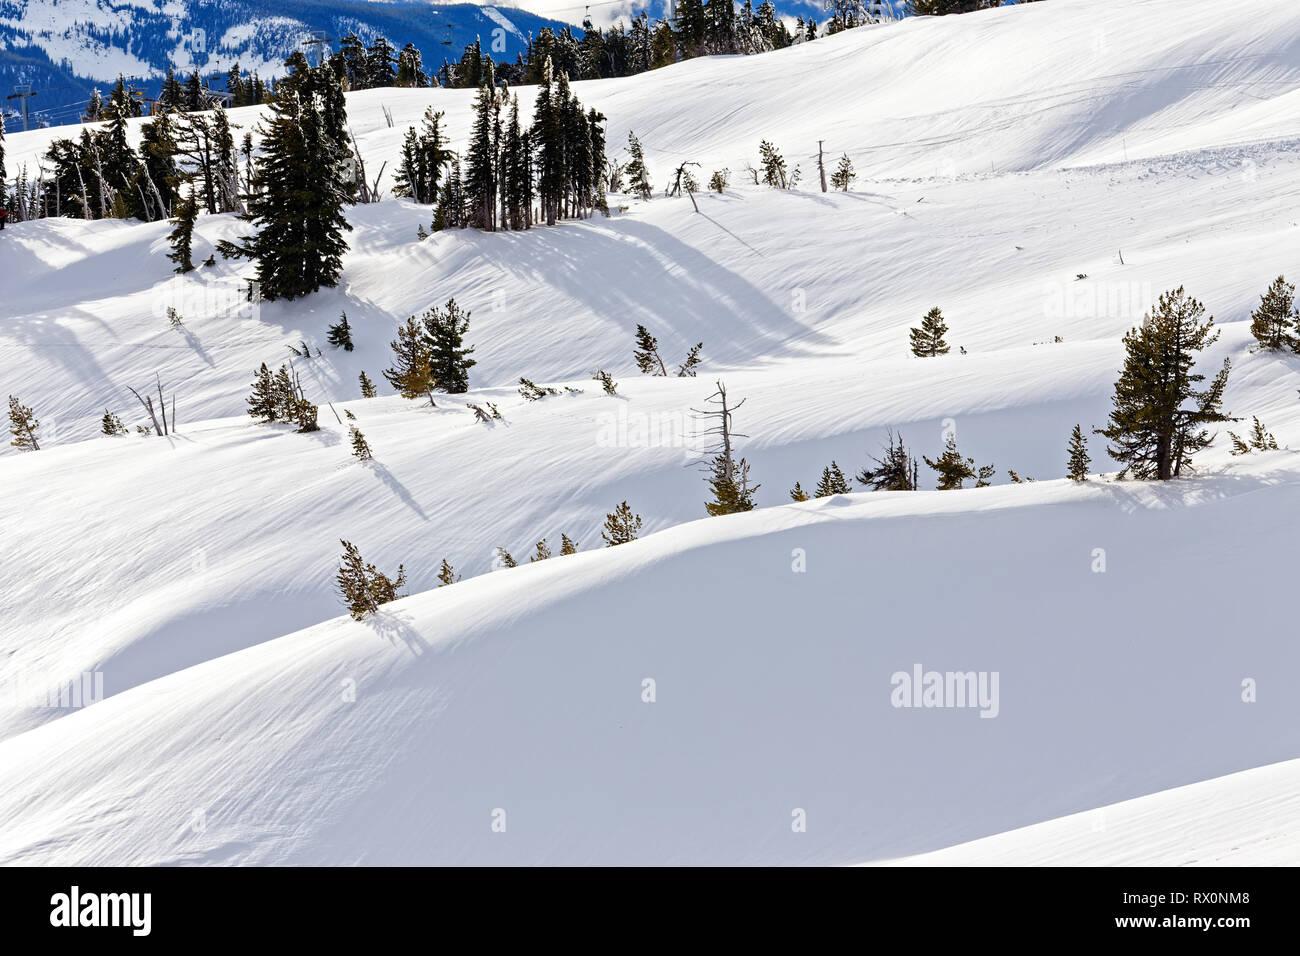 -- 43,489.03996 nevados de montaña invernal paisaje de colinas con hielo en coníferas pinos tree line timberline, nieve fresca con estrías marcas de rizo Foto de stock